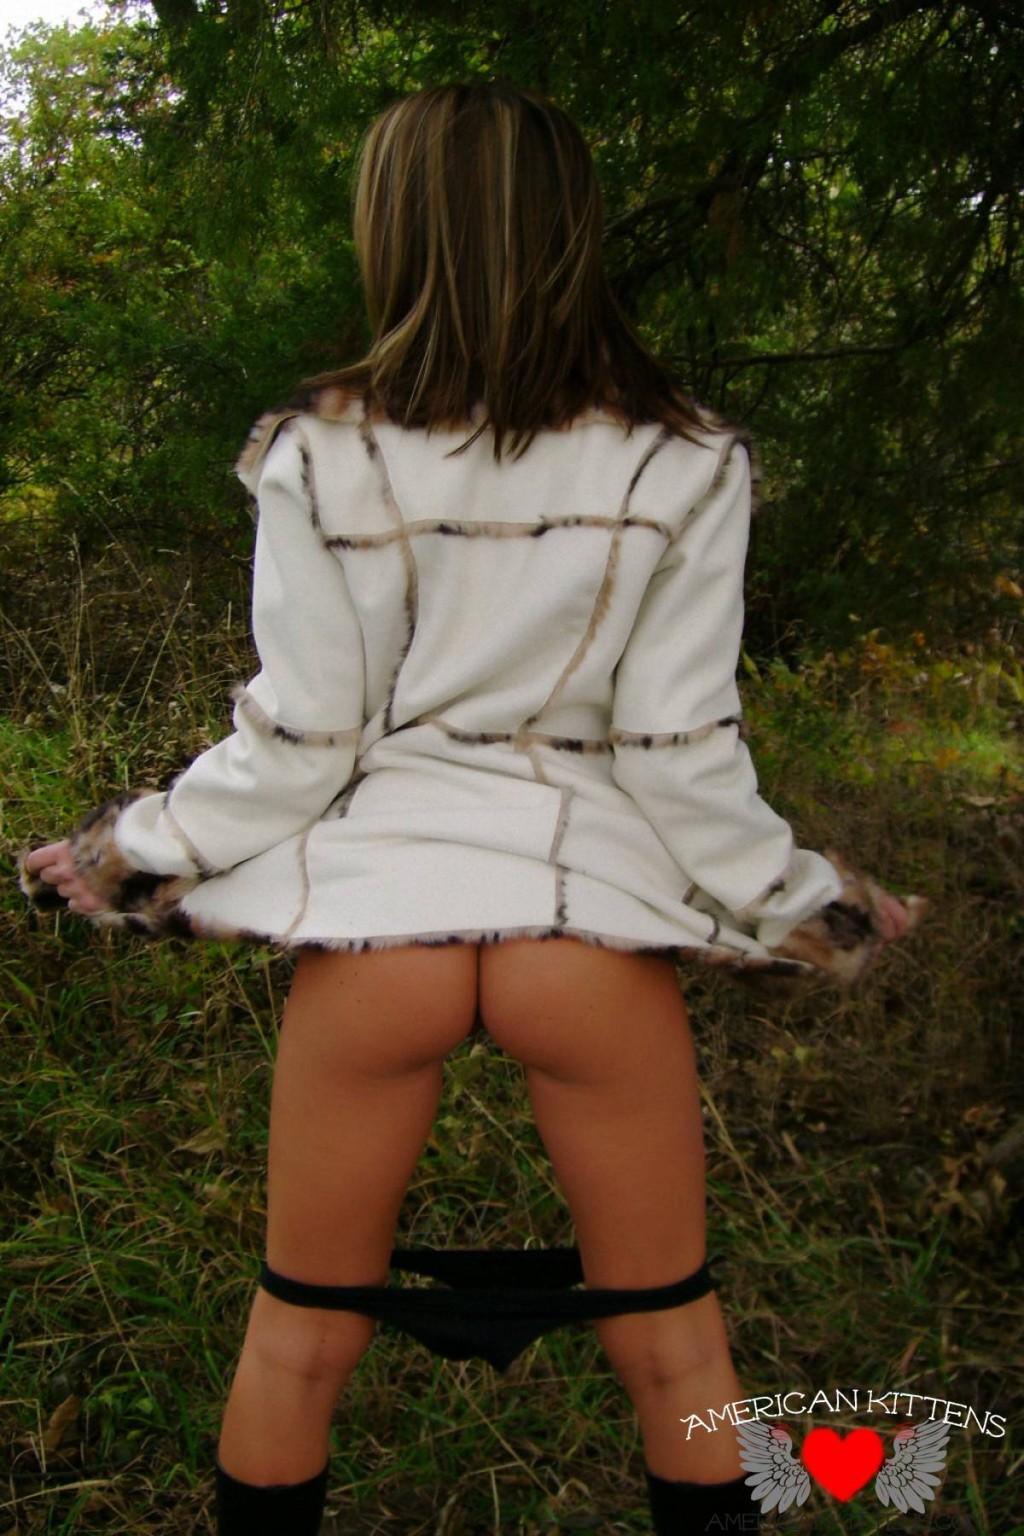 Старри Найт в лесу позирует для парня, она не думает, что ее еще кто-то увидит в таком откровенном виде